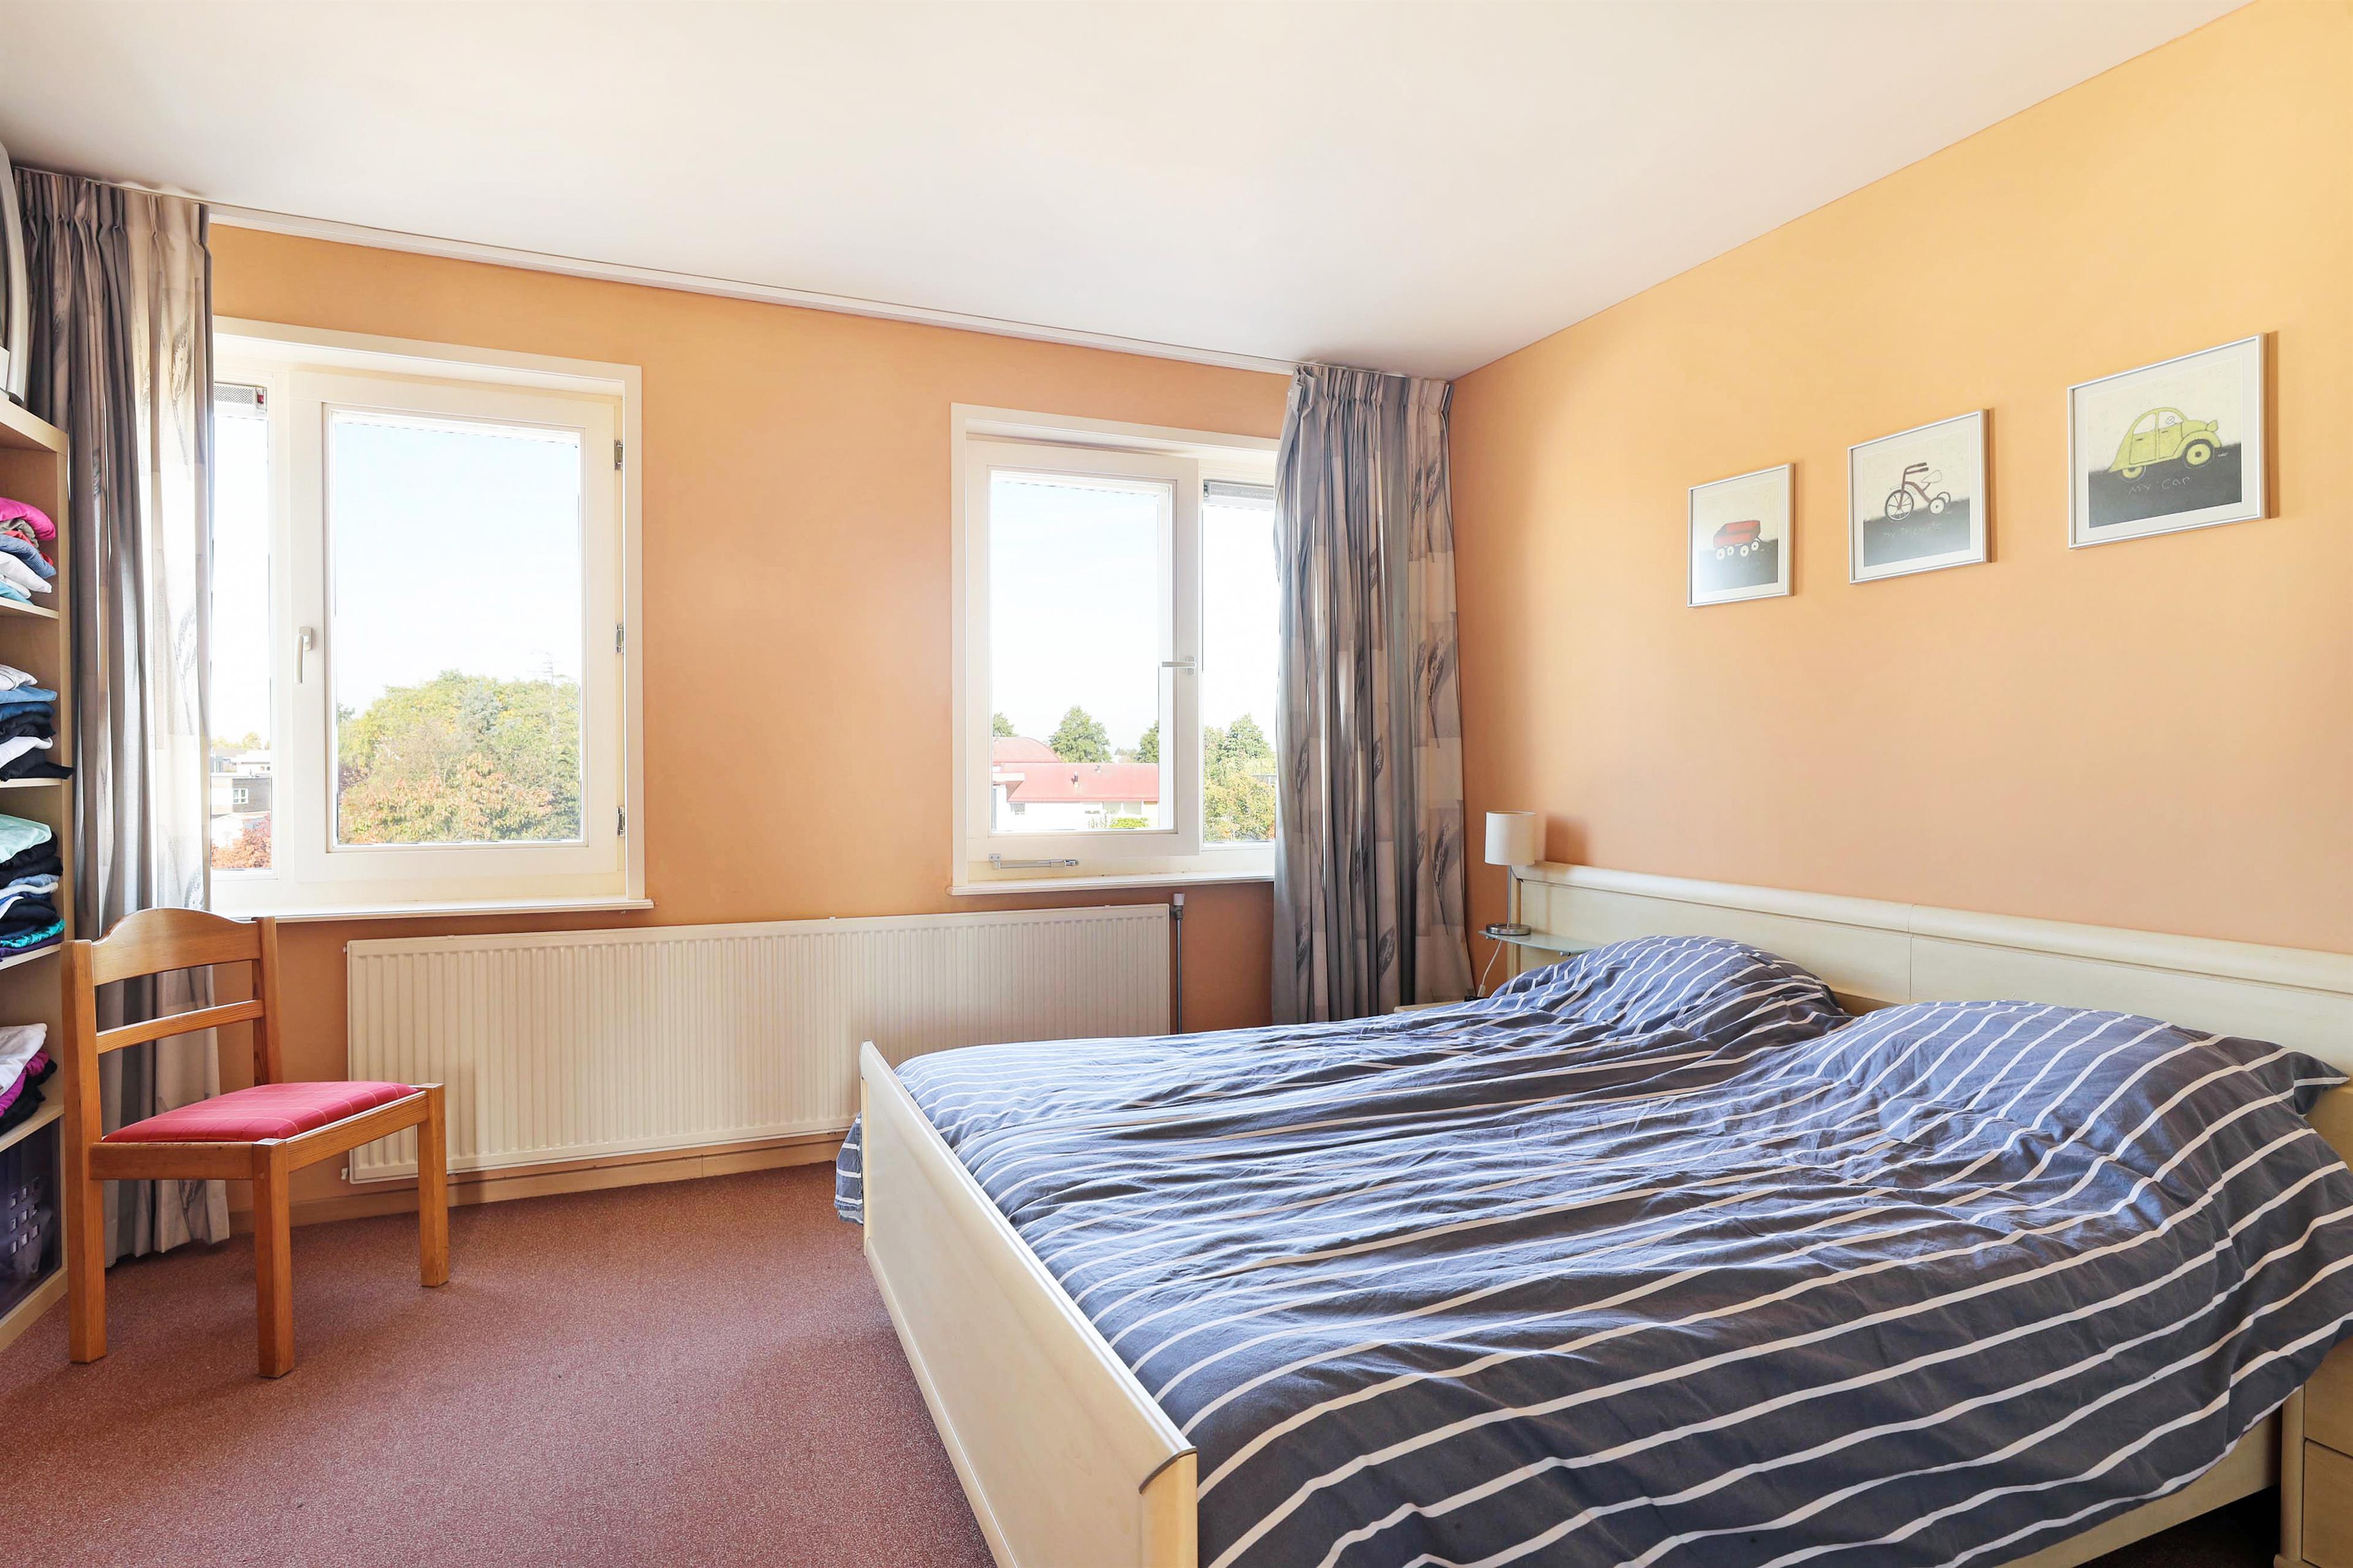 Zonwering Slaapkamer 14 : Zonwering slaapkamer 105: te koop: keulemangaarde 8 amersfoort